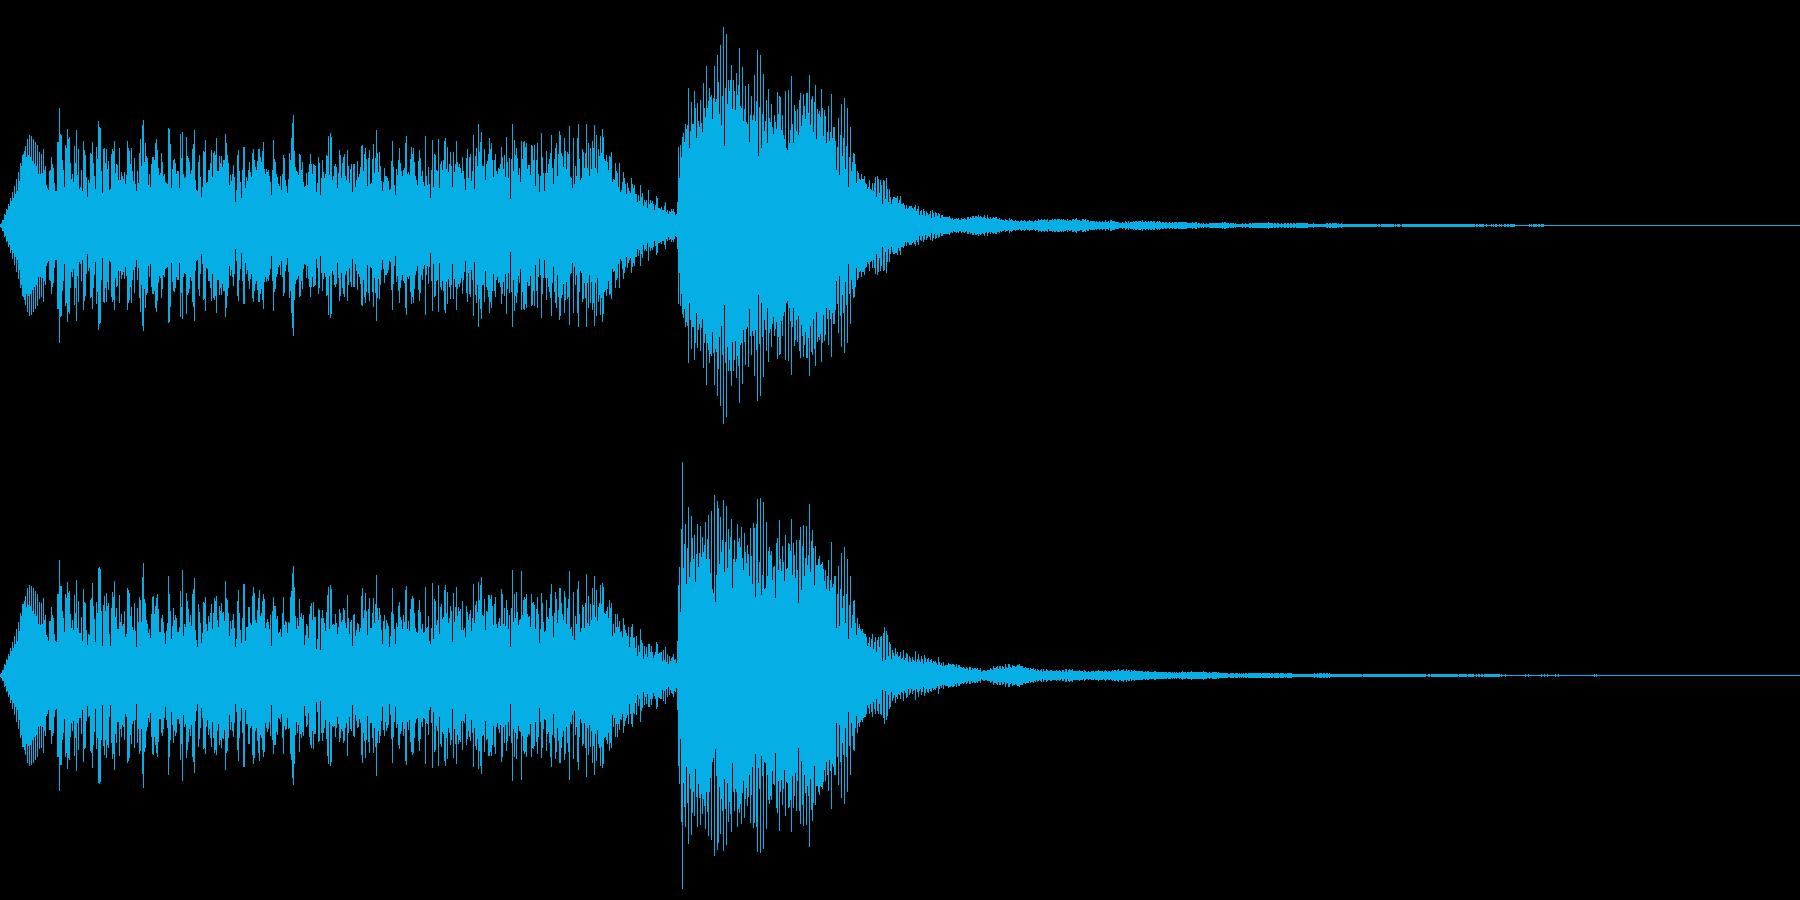 起承転結感ある効果音の再生済みの波形